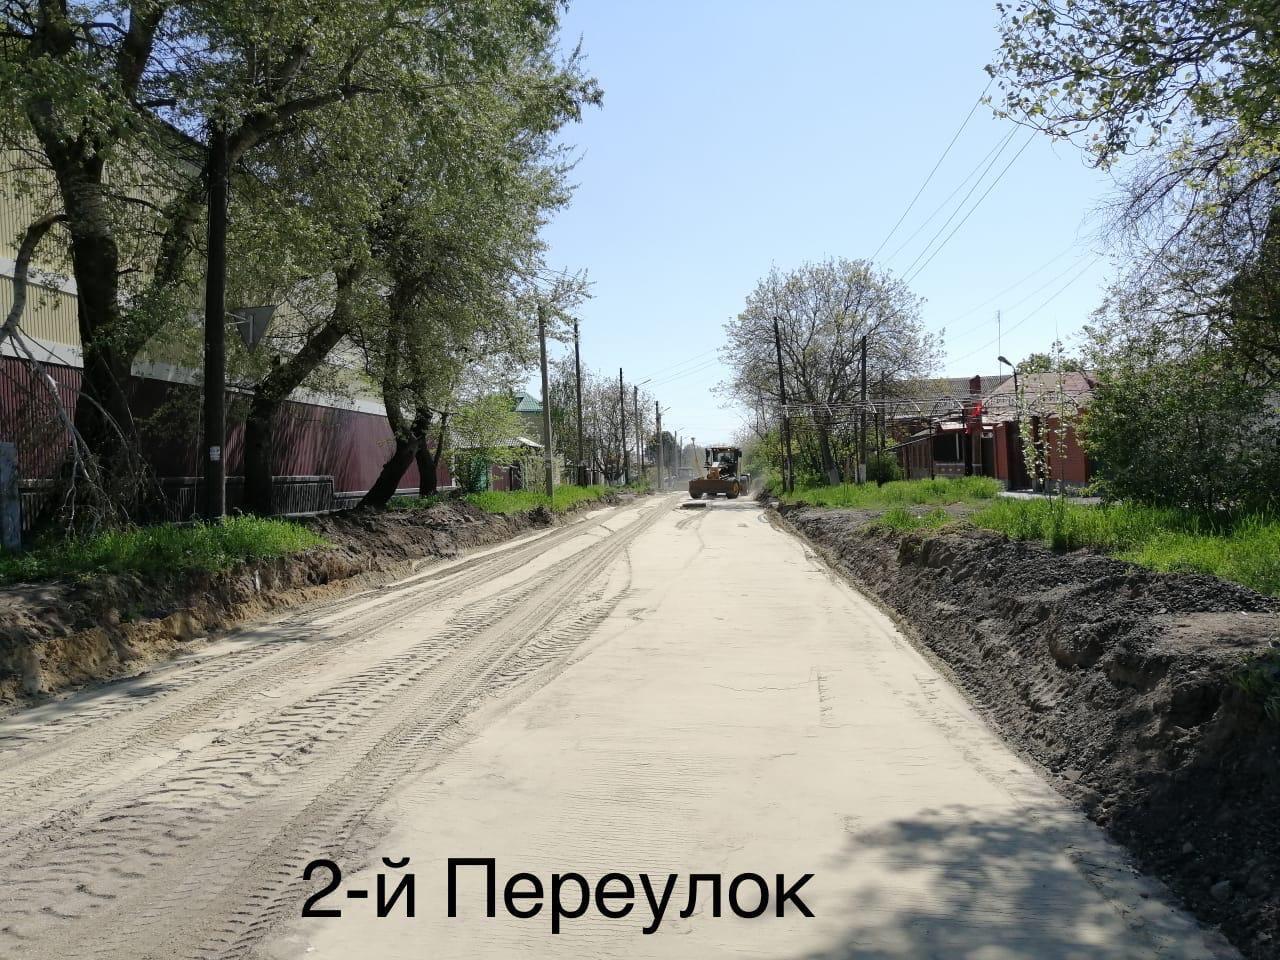 В Таганроге идет реализация нацпроекта «Безопасные и качественные автомобильные дороги» на 8 объектах